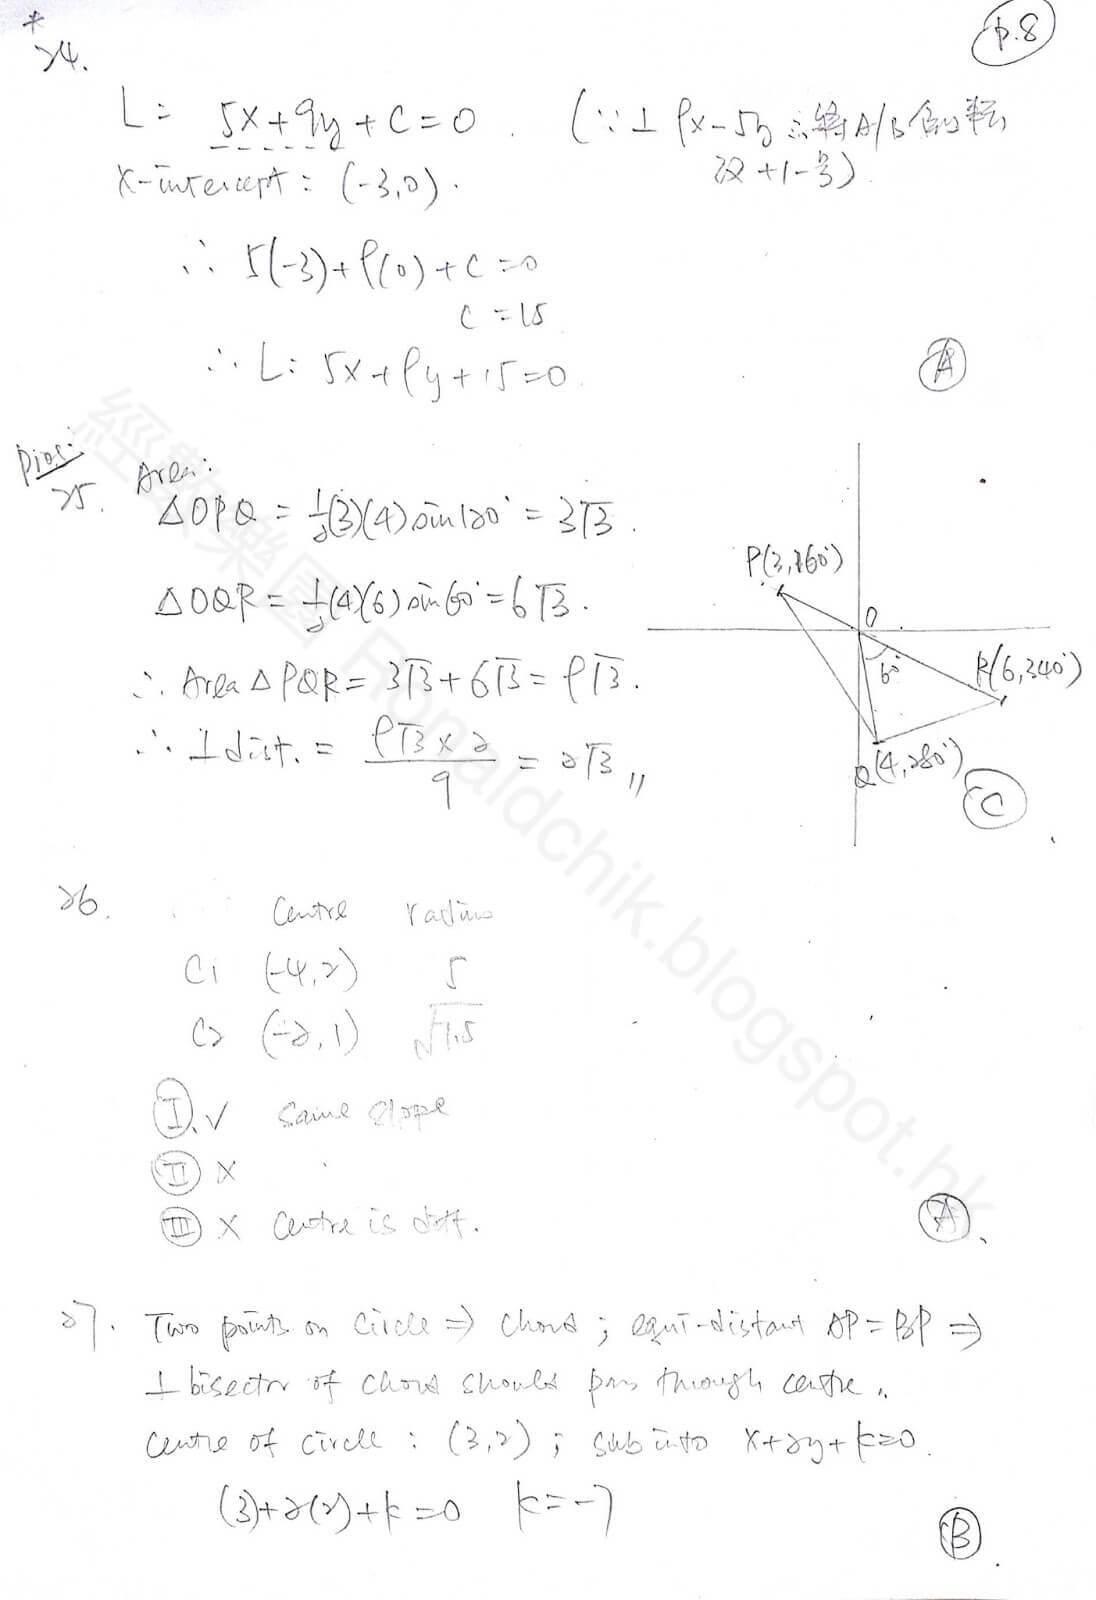 2017 DSE Math Paper 2 數學 卷二 答案 Q.24,25,26,27